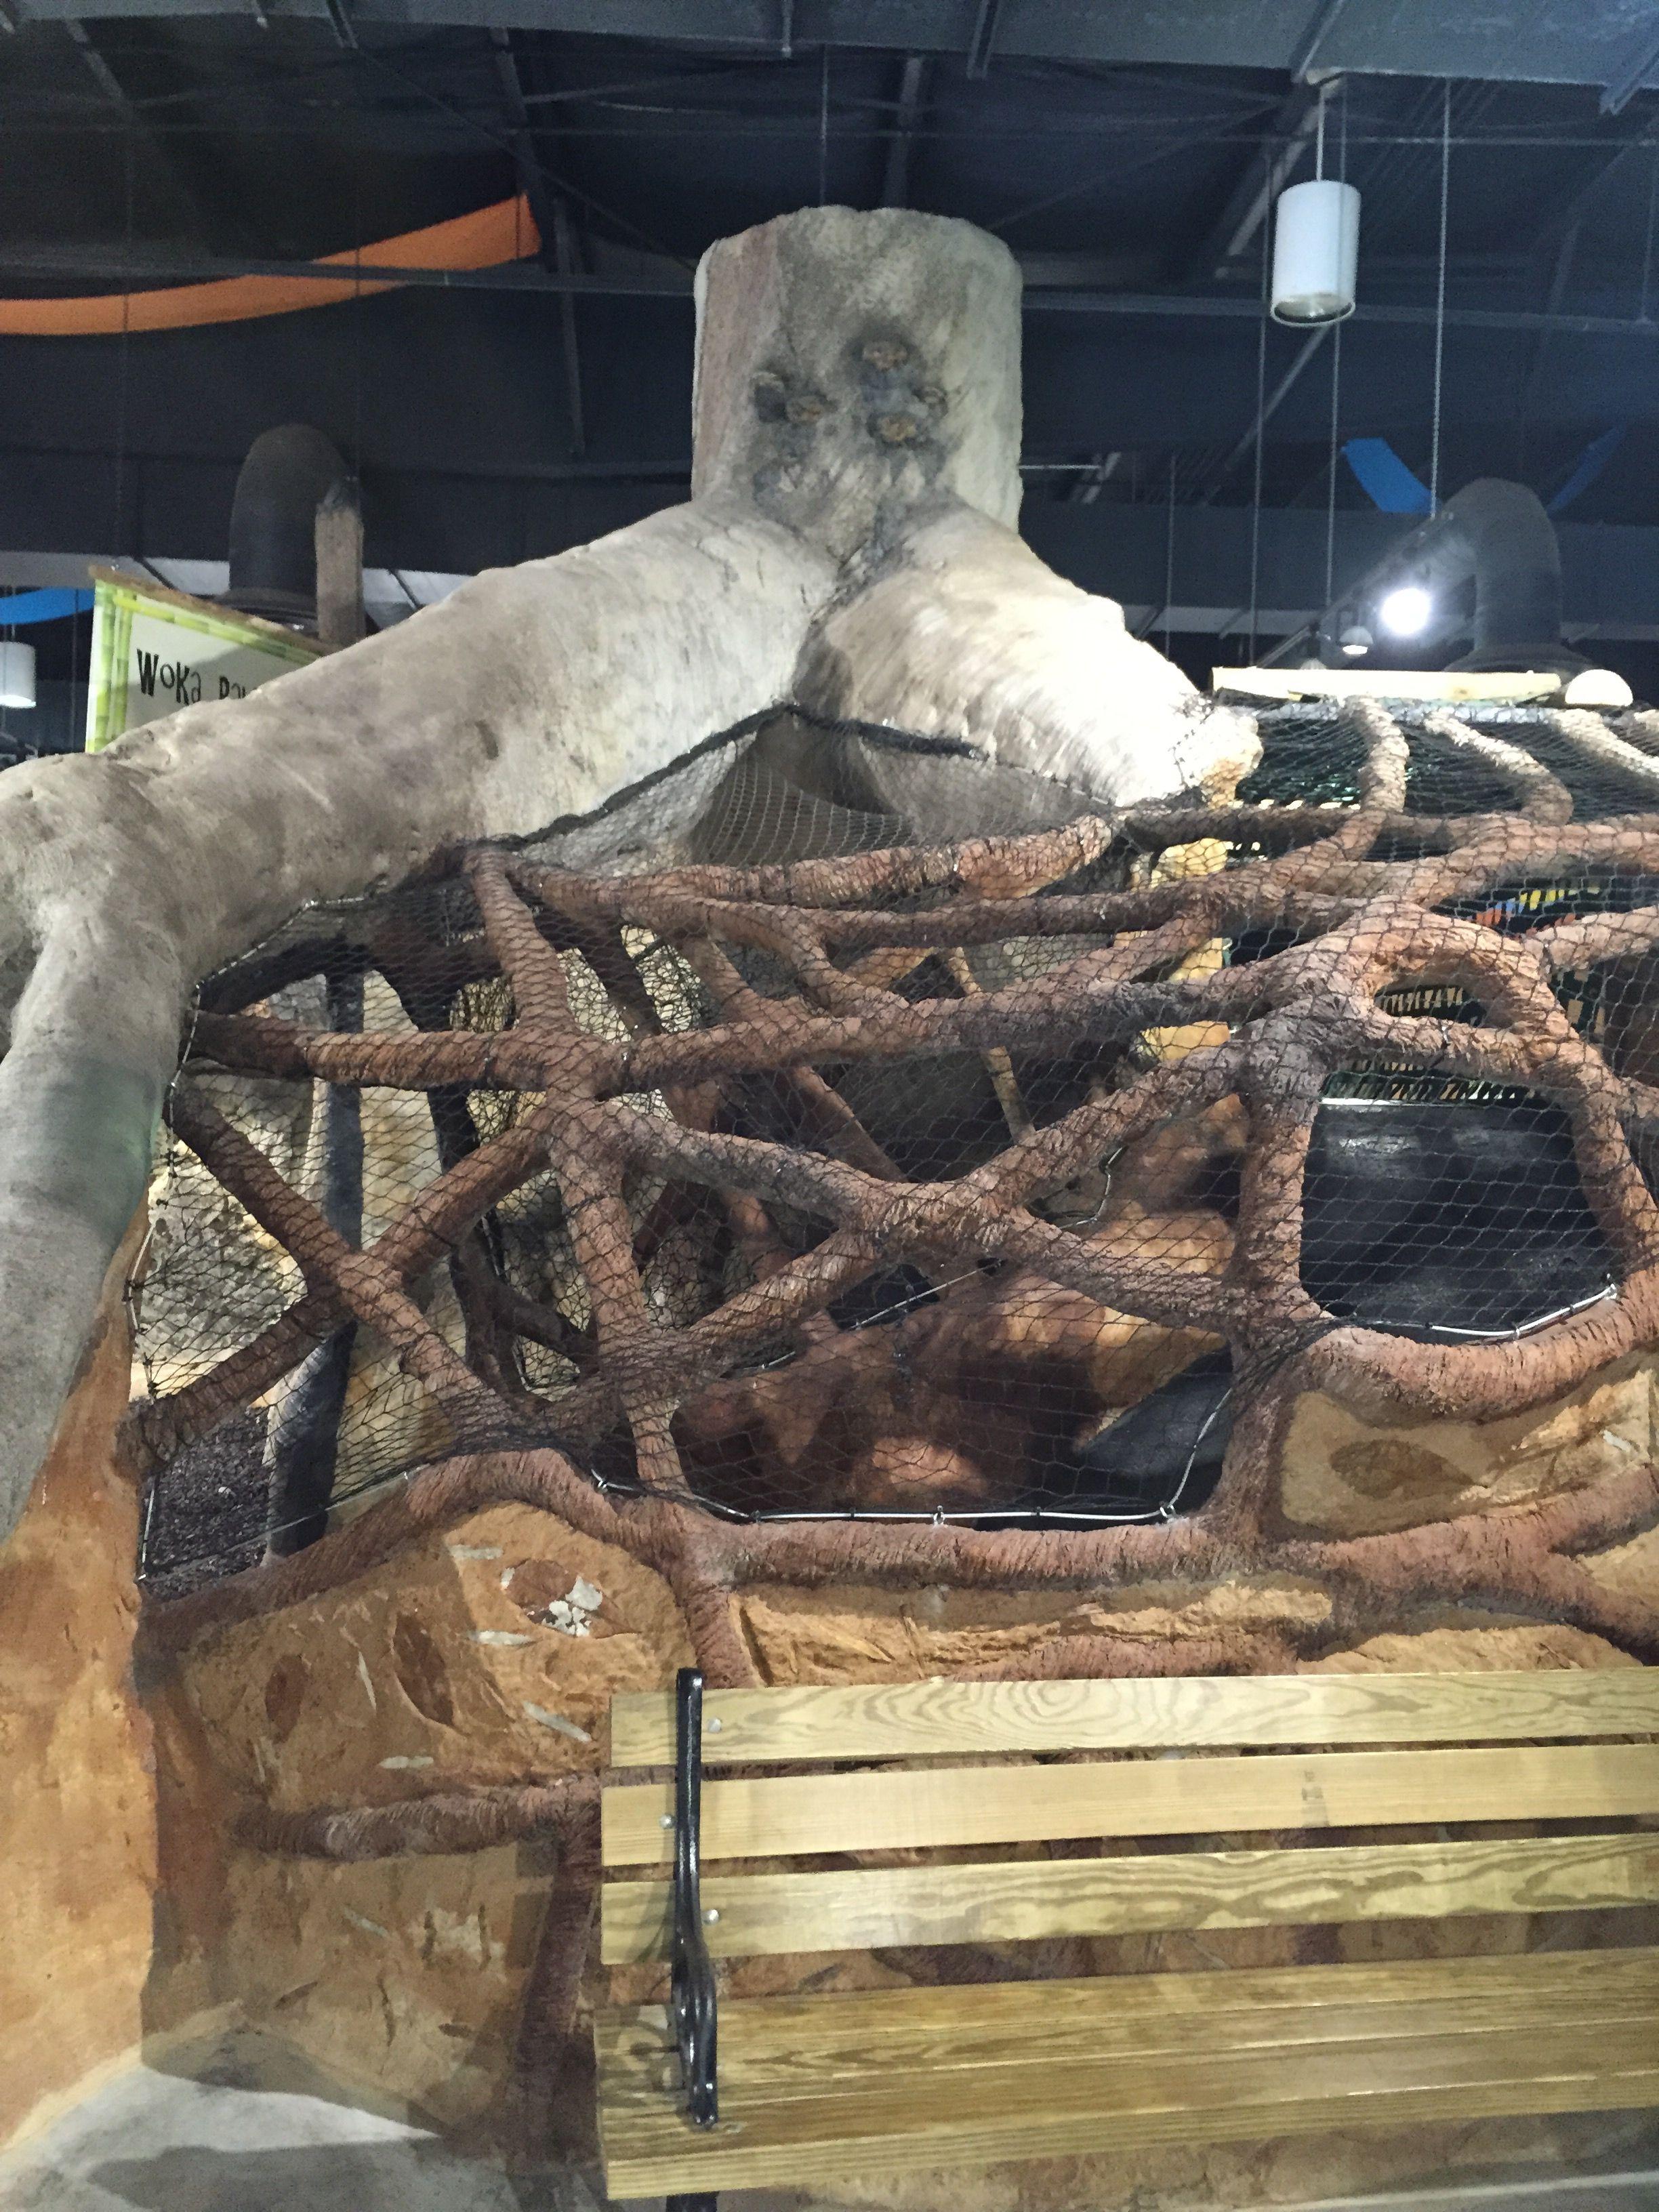 Strangler Fig Vine Bridge Indoor Play Area Knoxville Zoo